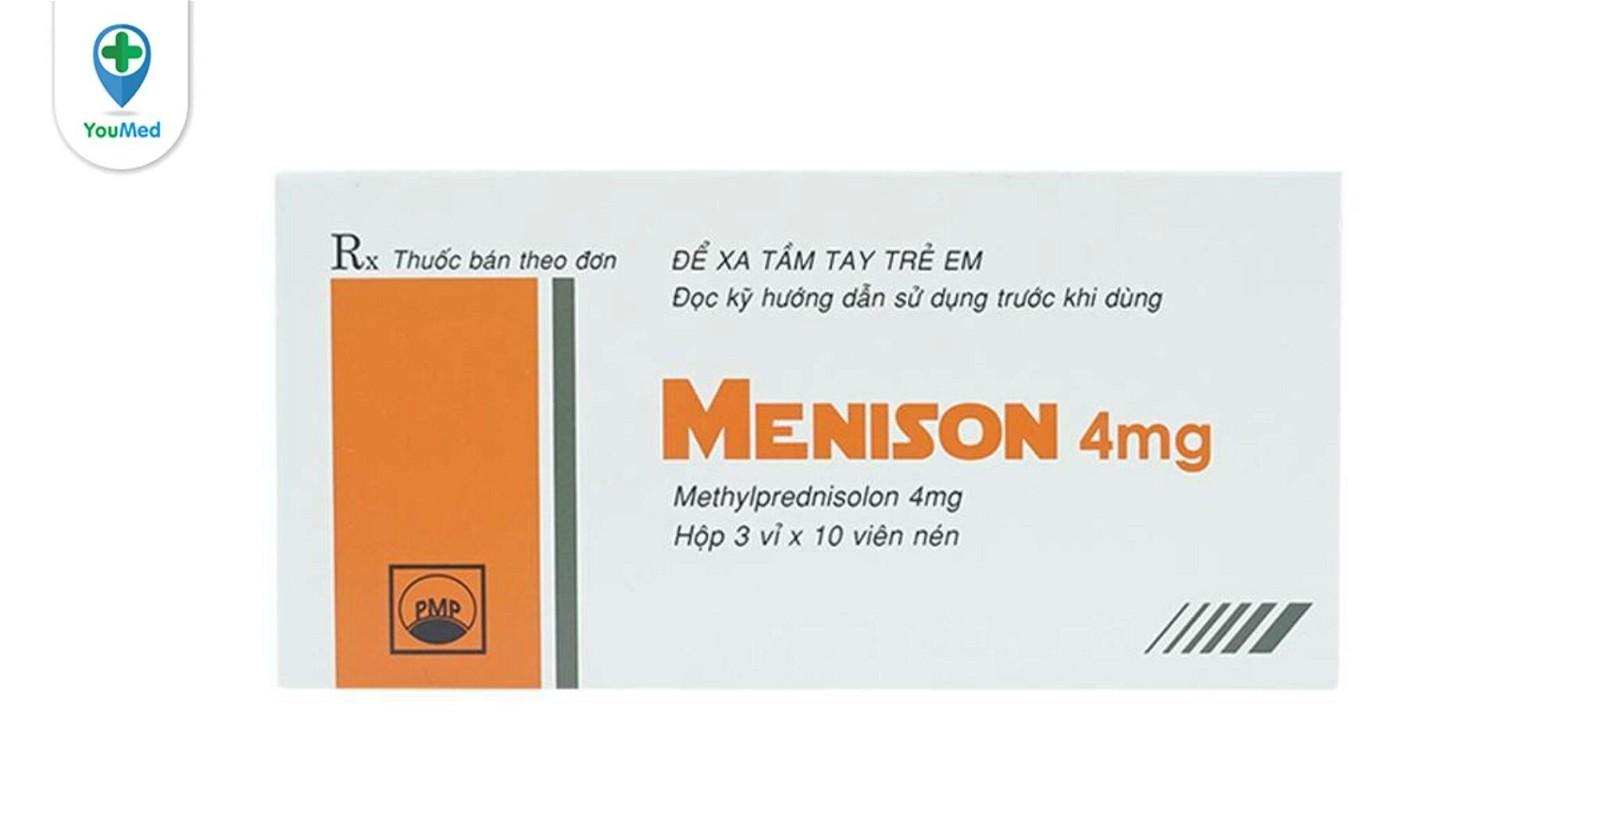 Thuốc Menison là thuốc gì? giá, công dụng và những lưu ý bạn cần biết